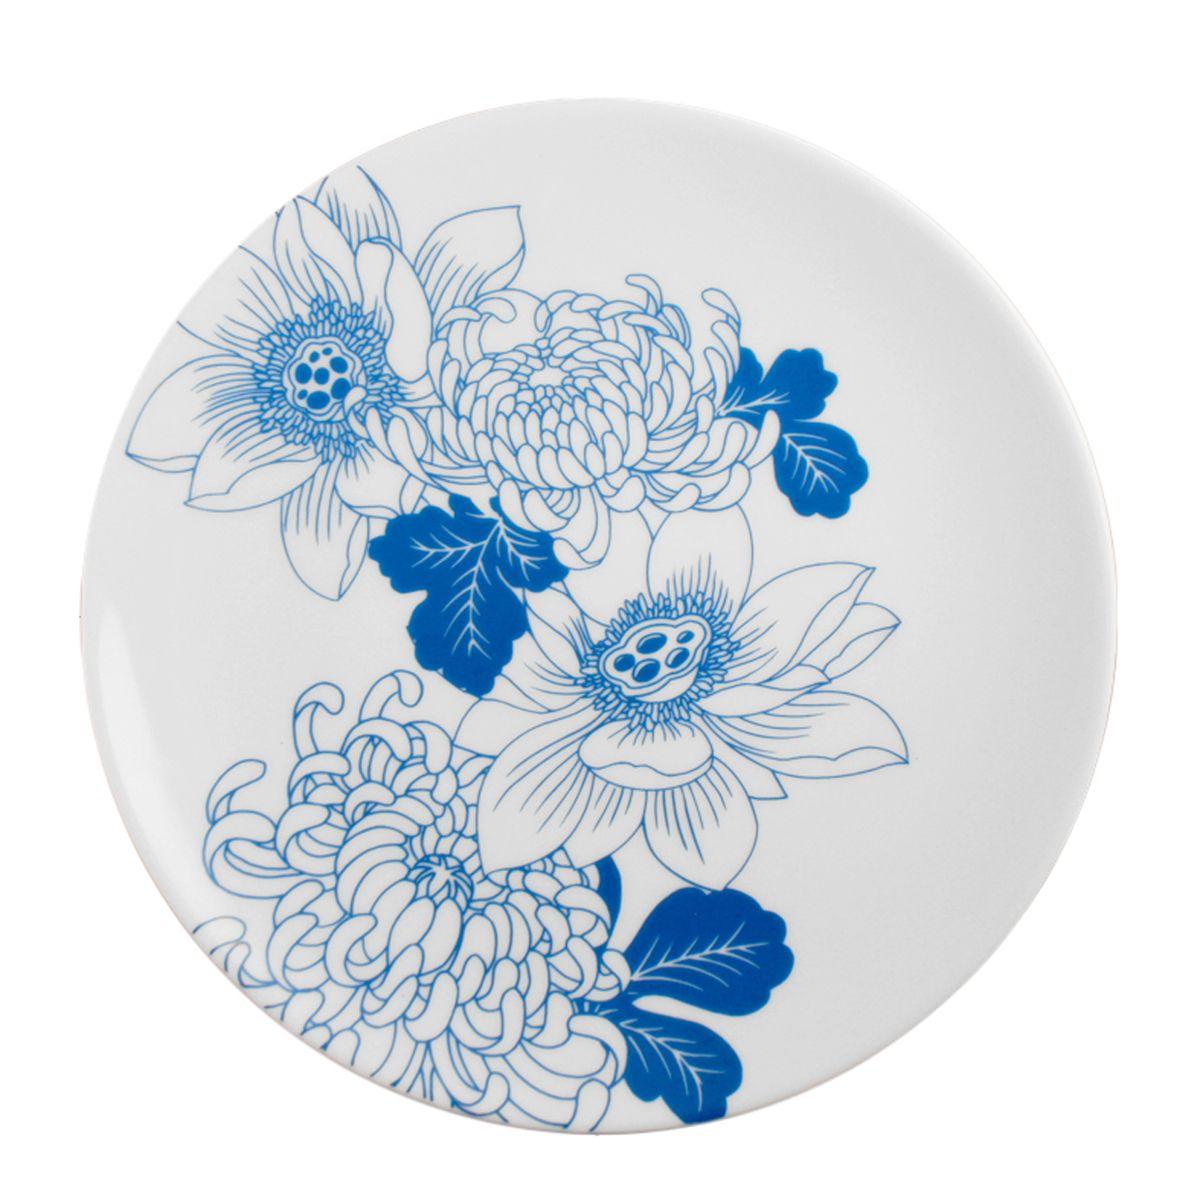 Tattoo Lotus Side Plate  by InkDish